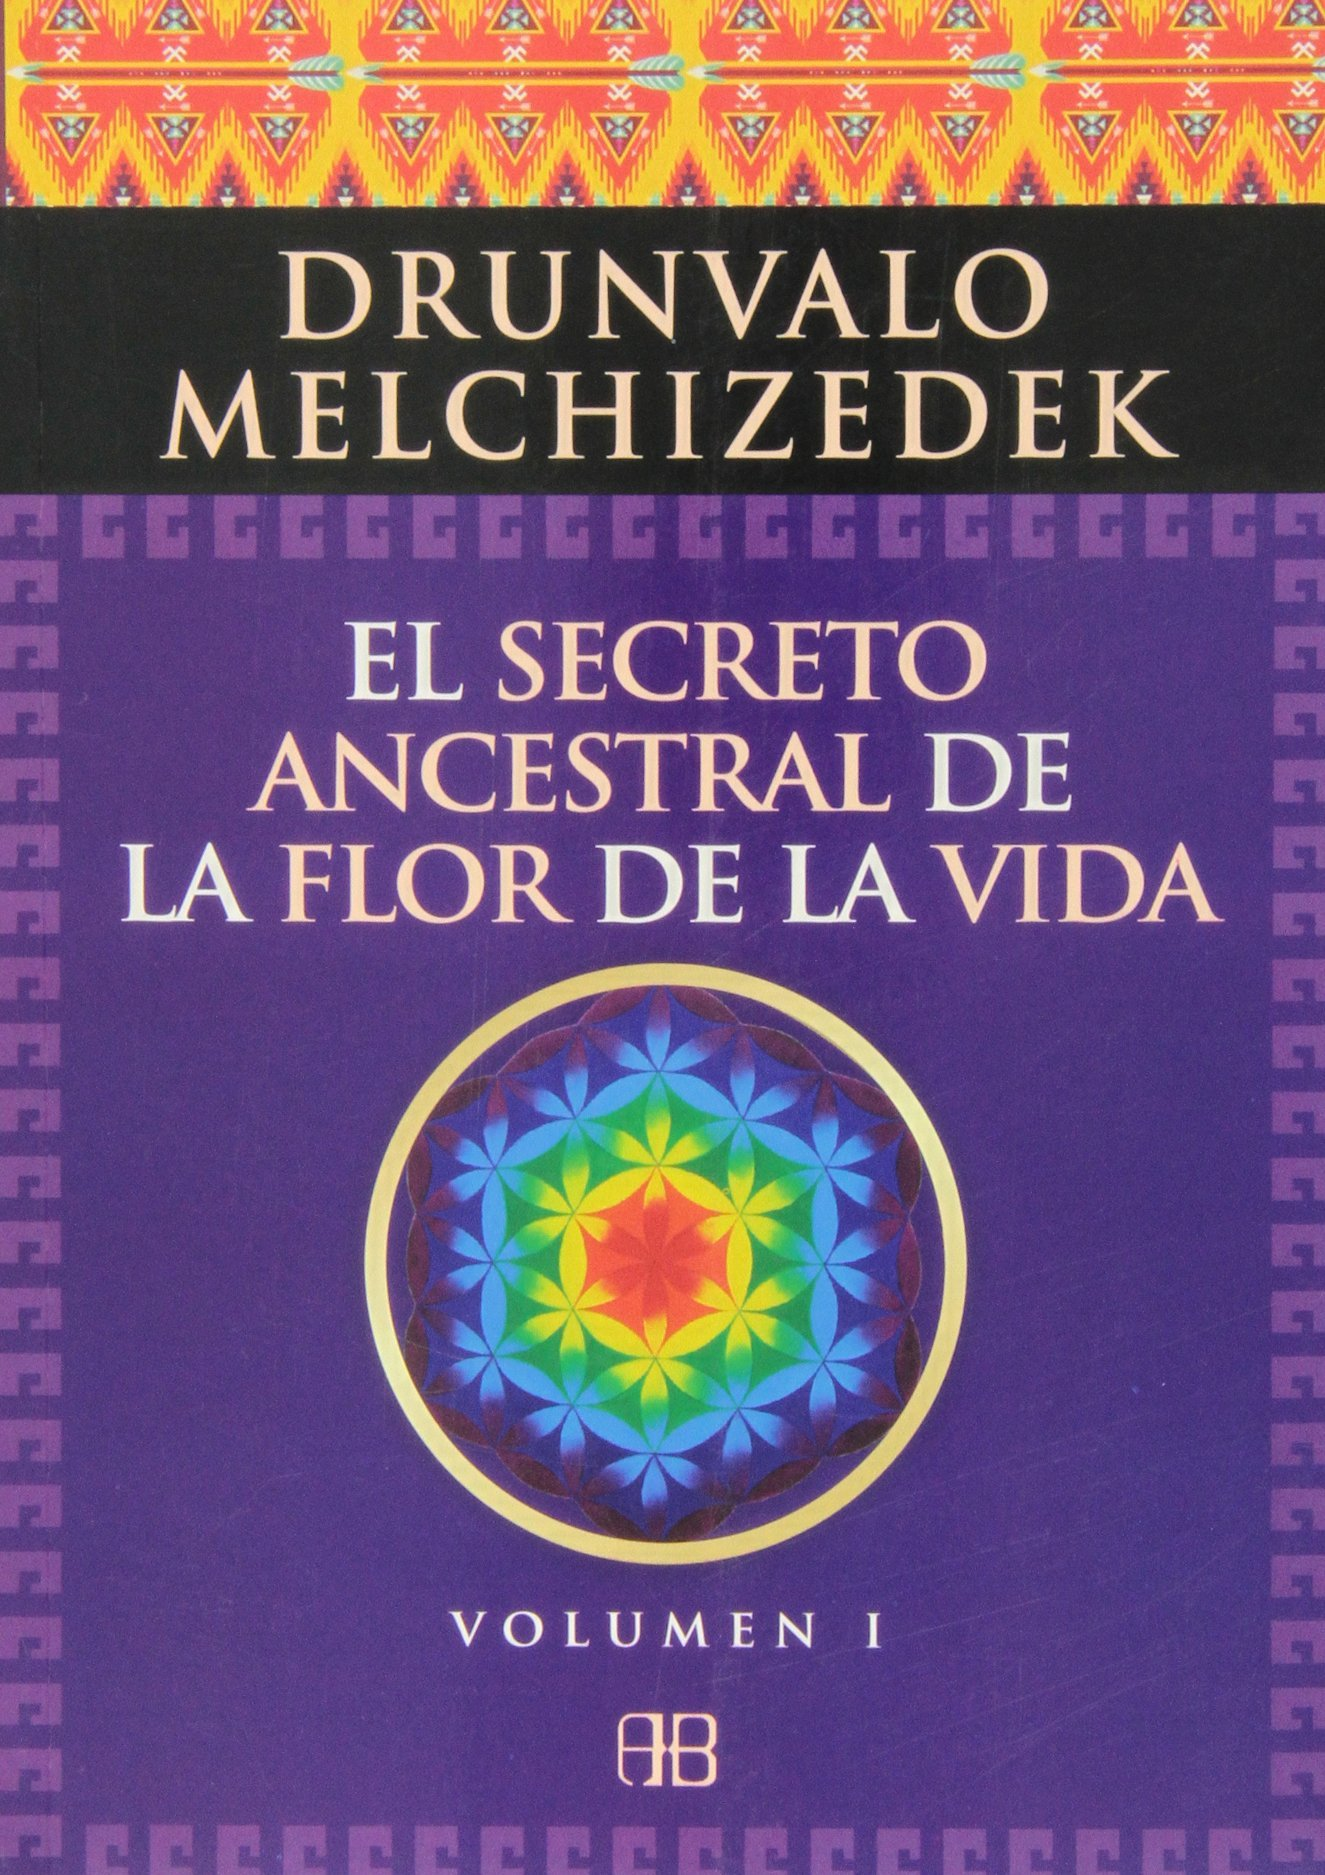 El Secreto Ancestral De La Flor De La Vida I: Una transcripción editada del Taller La Flor de la Vida presentada en vivo a la Madre Tierra de 1985 a 1994